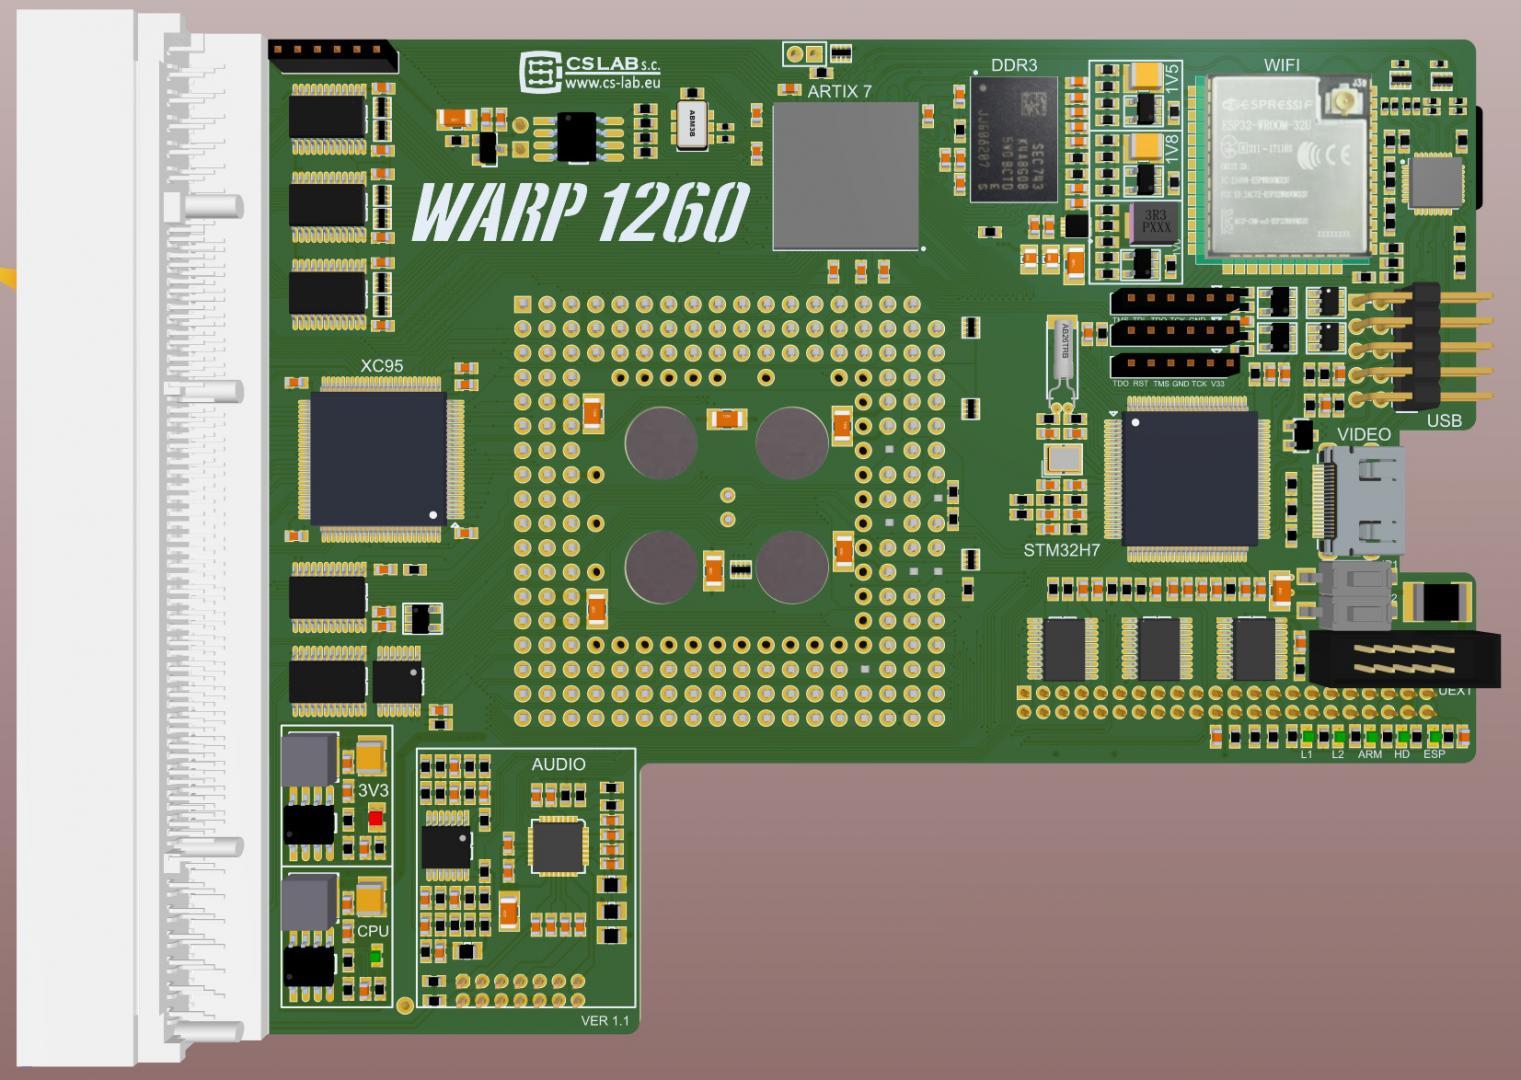 Klikněte na obrázek pro zobrazení větší verze  Název: warp1260v2_0.jpg Zobrazeno: 87 Velikost: 220,1 KB ID: 9207